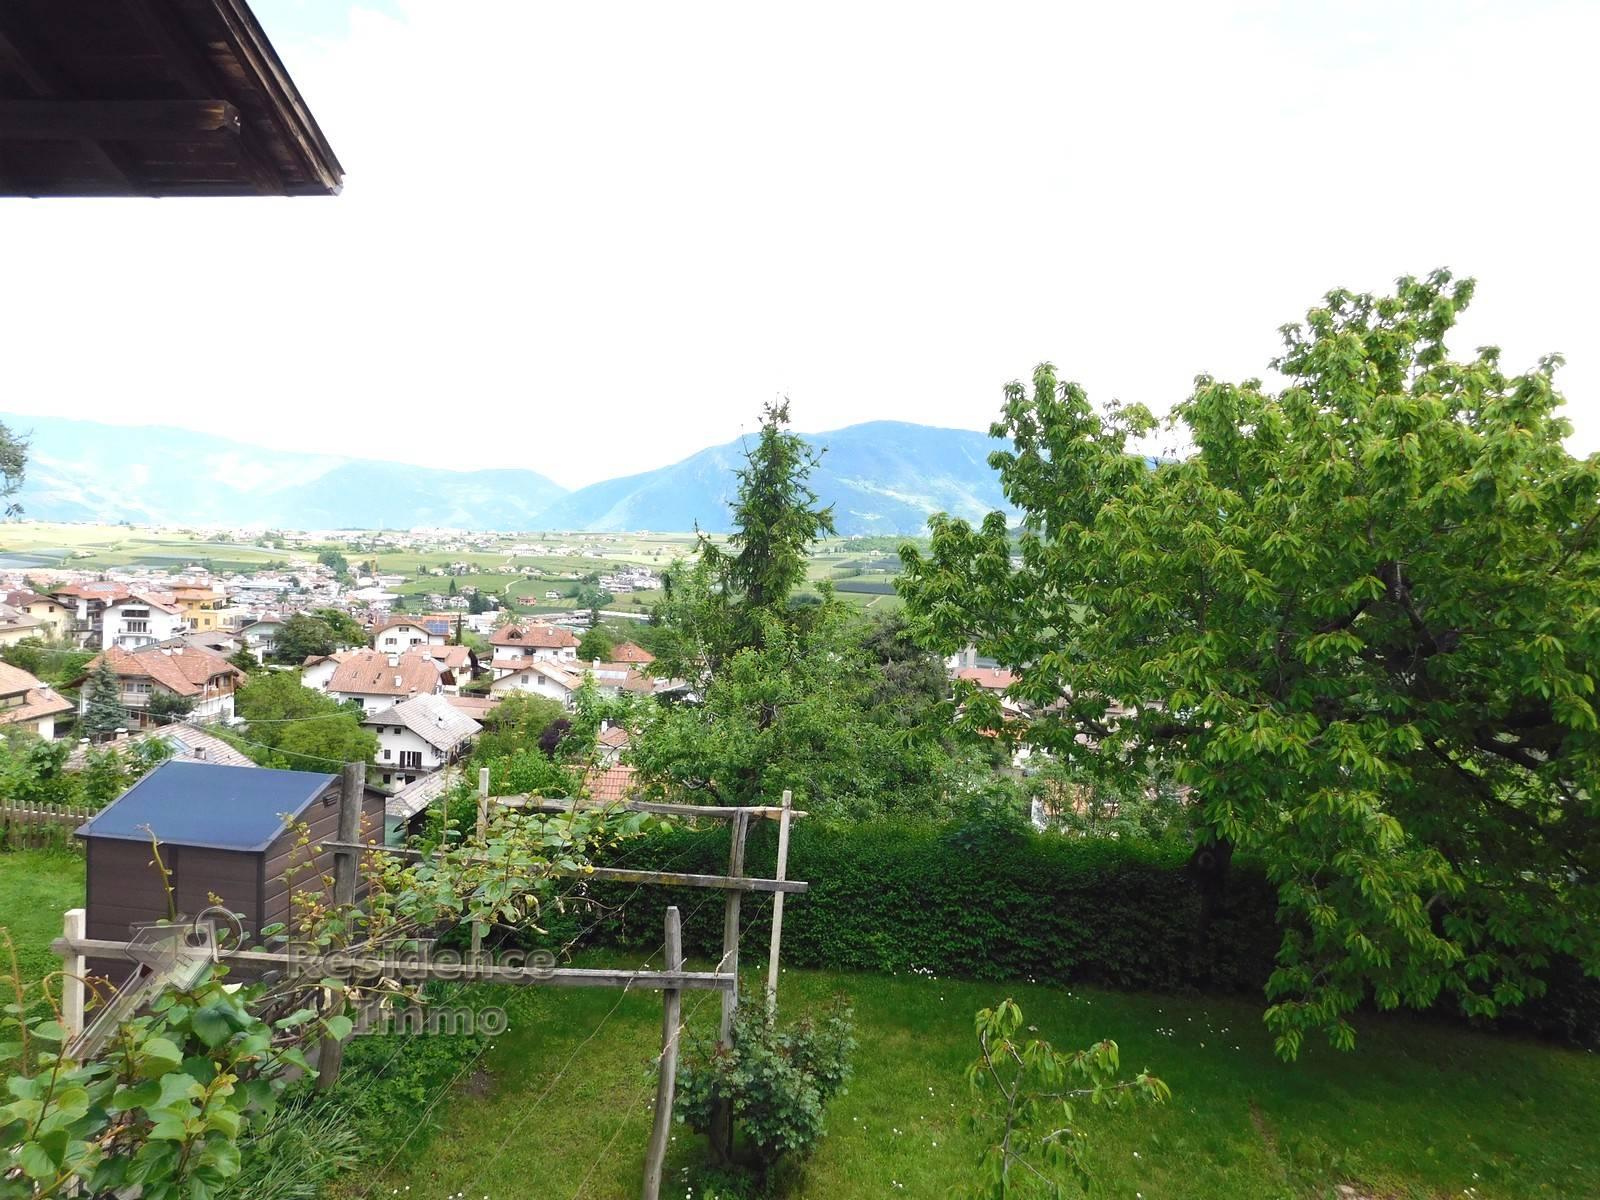 Appartamento in vendita a Appiano sulla Strada del Vino, 3 locali, zona Zona: Gaido, prezzo € 299.000 | CambioCasa.it